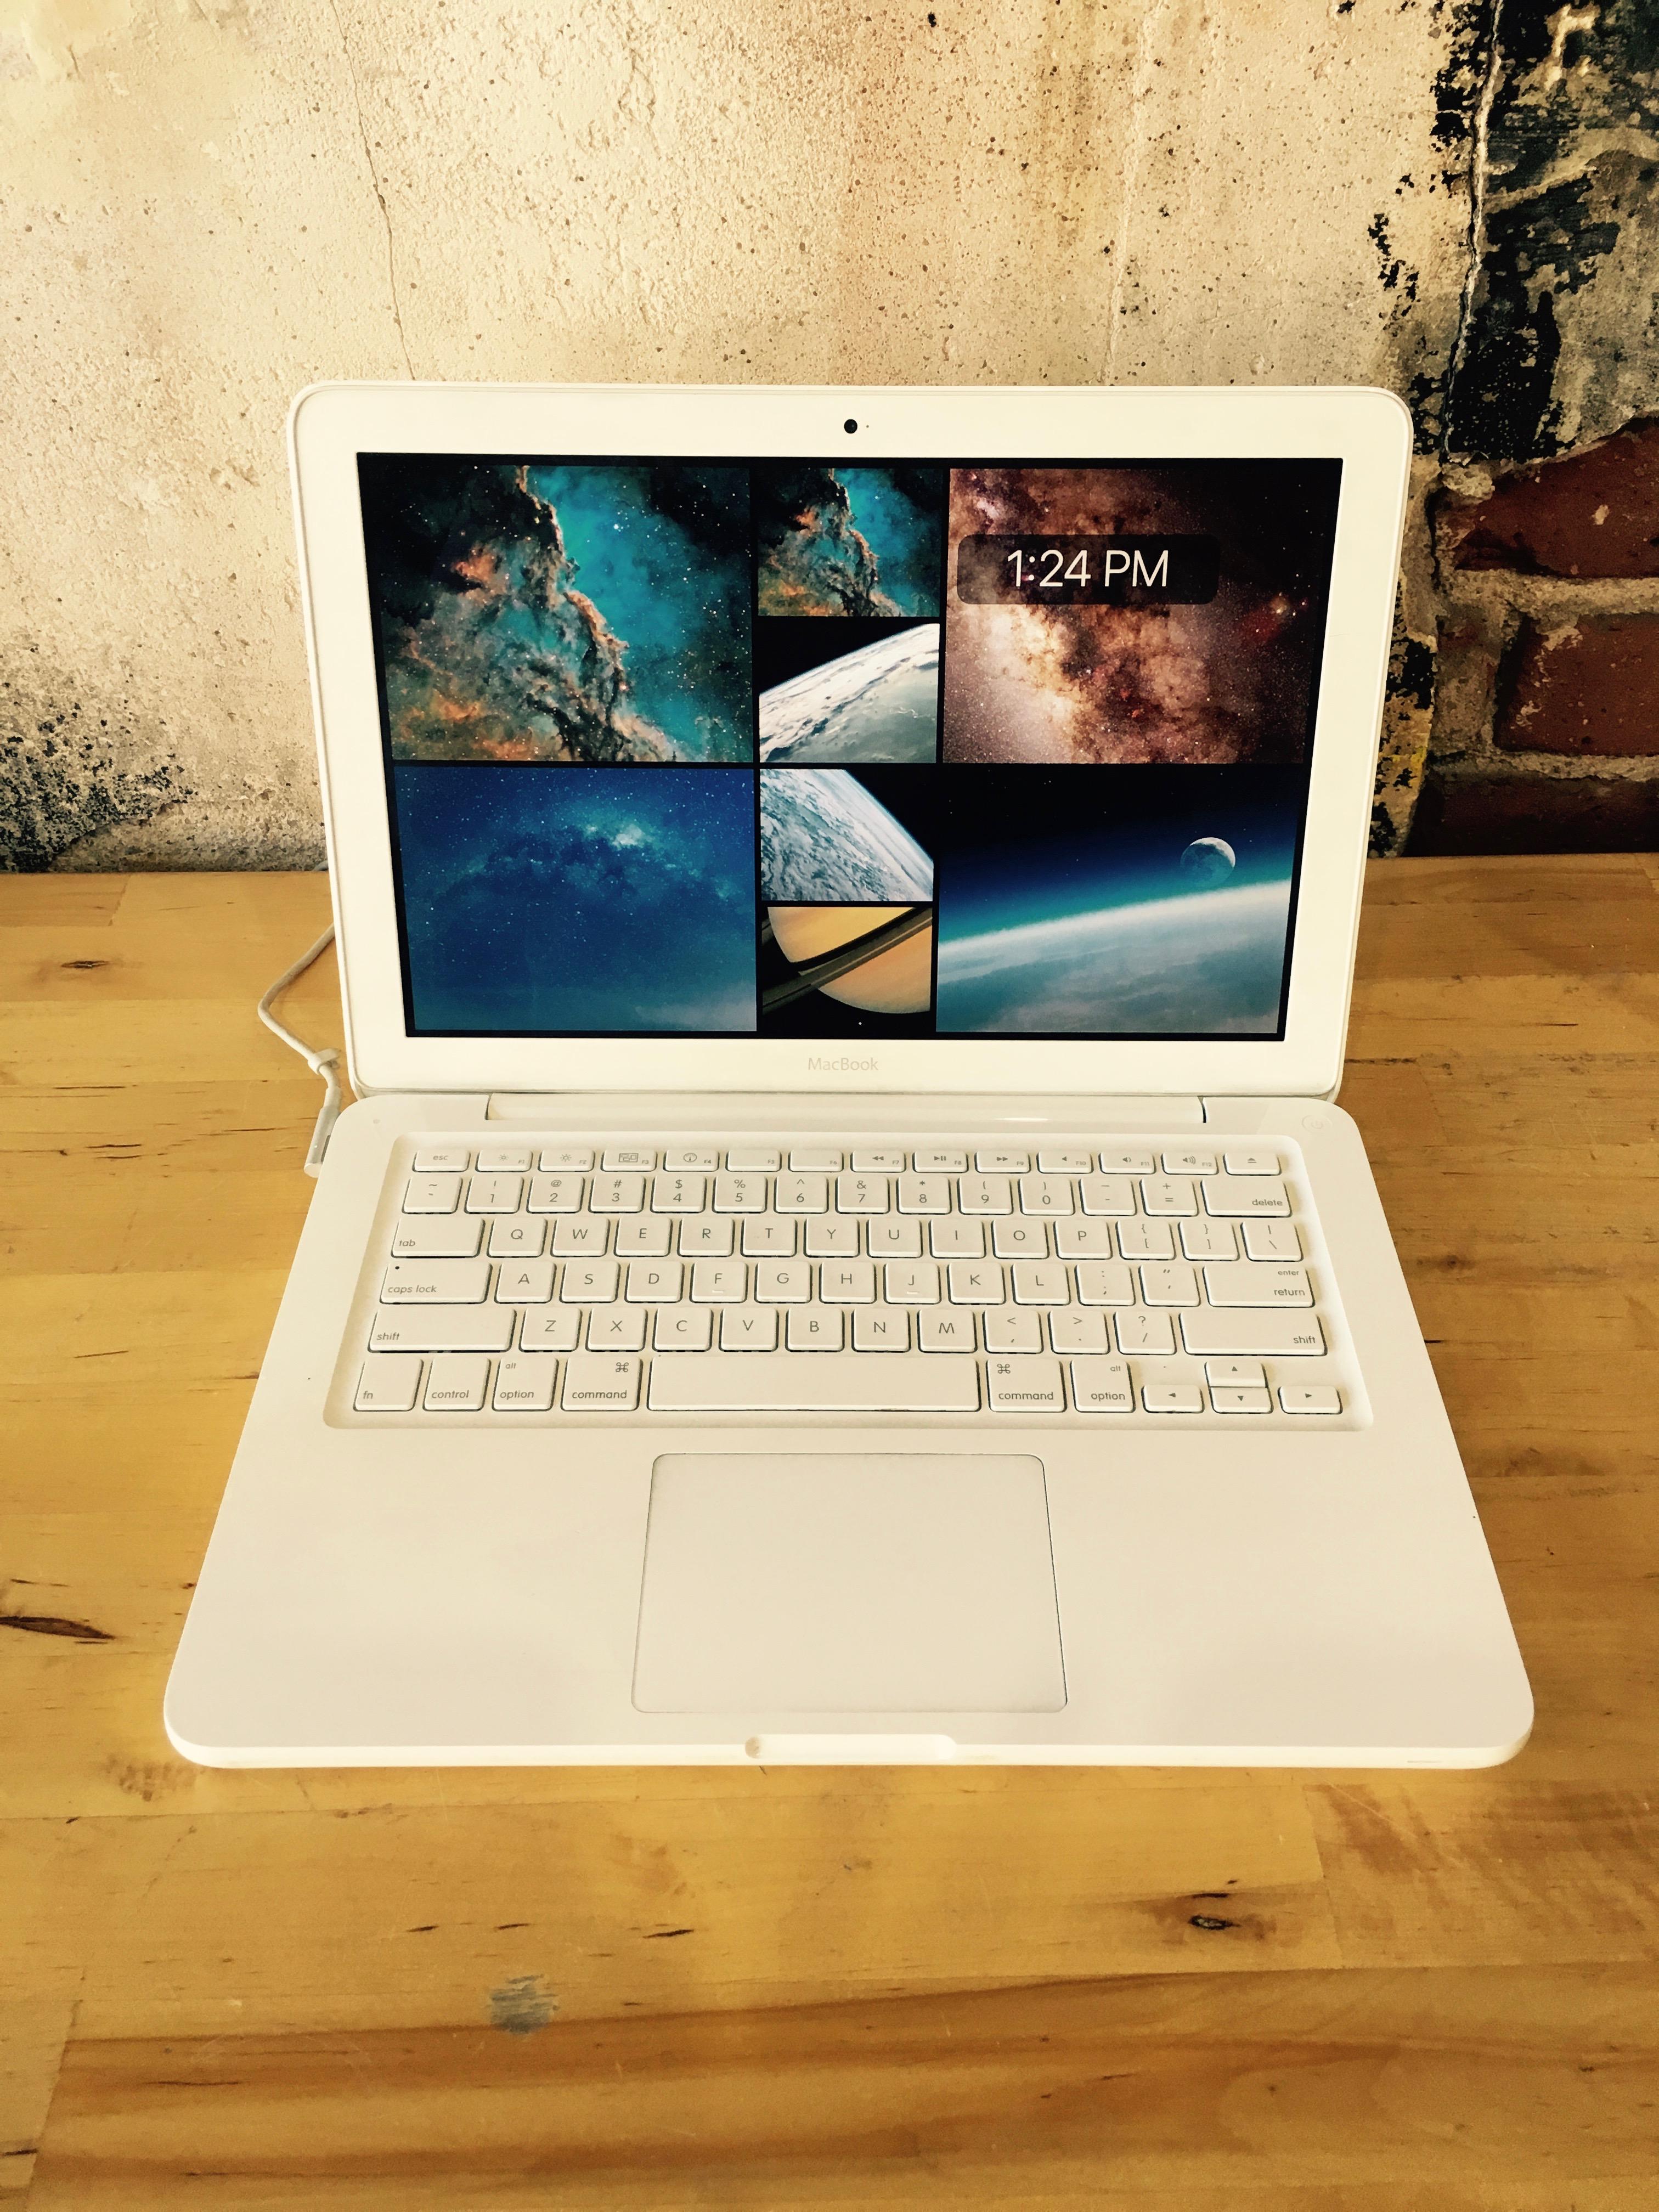 Sold: 13-inch MacBook Late-2009 // $295 - Denver Mac Repair